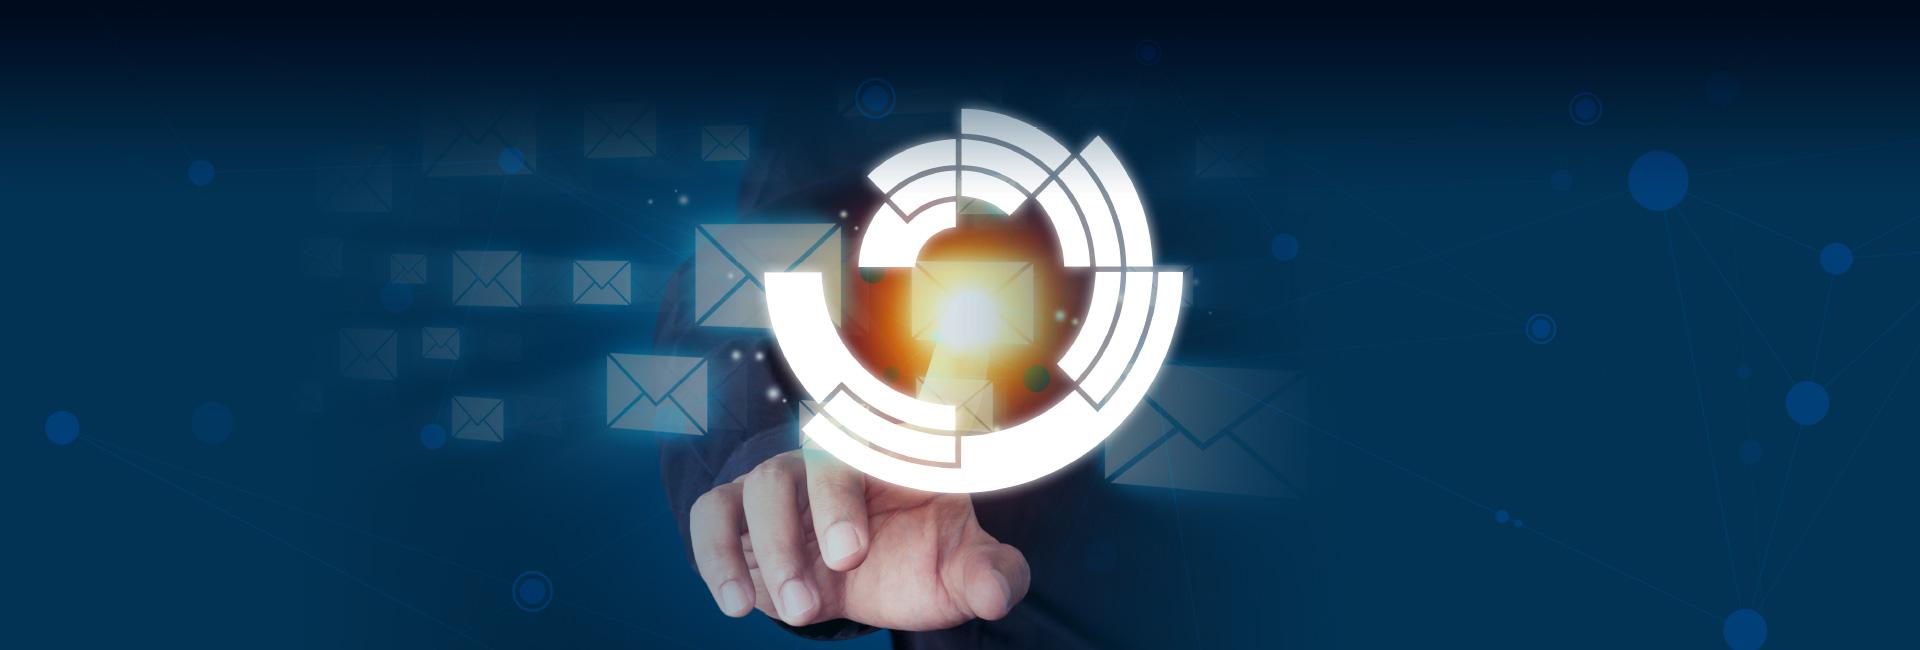 contatti,contatti sb energetica,skype,whatsapp,linkedin